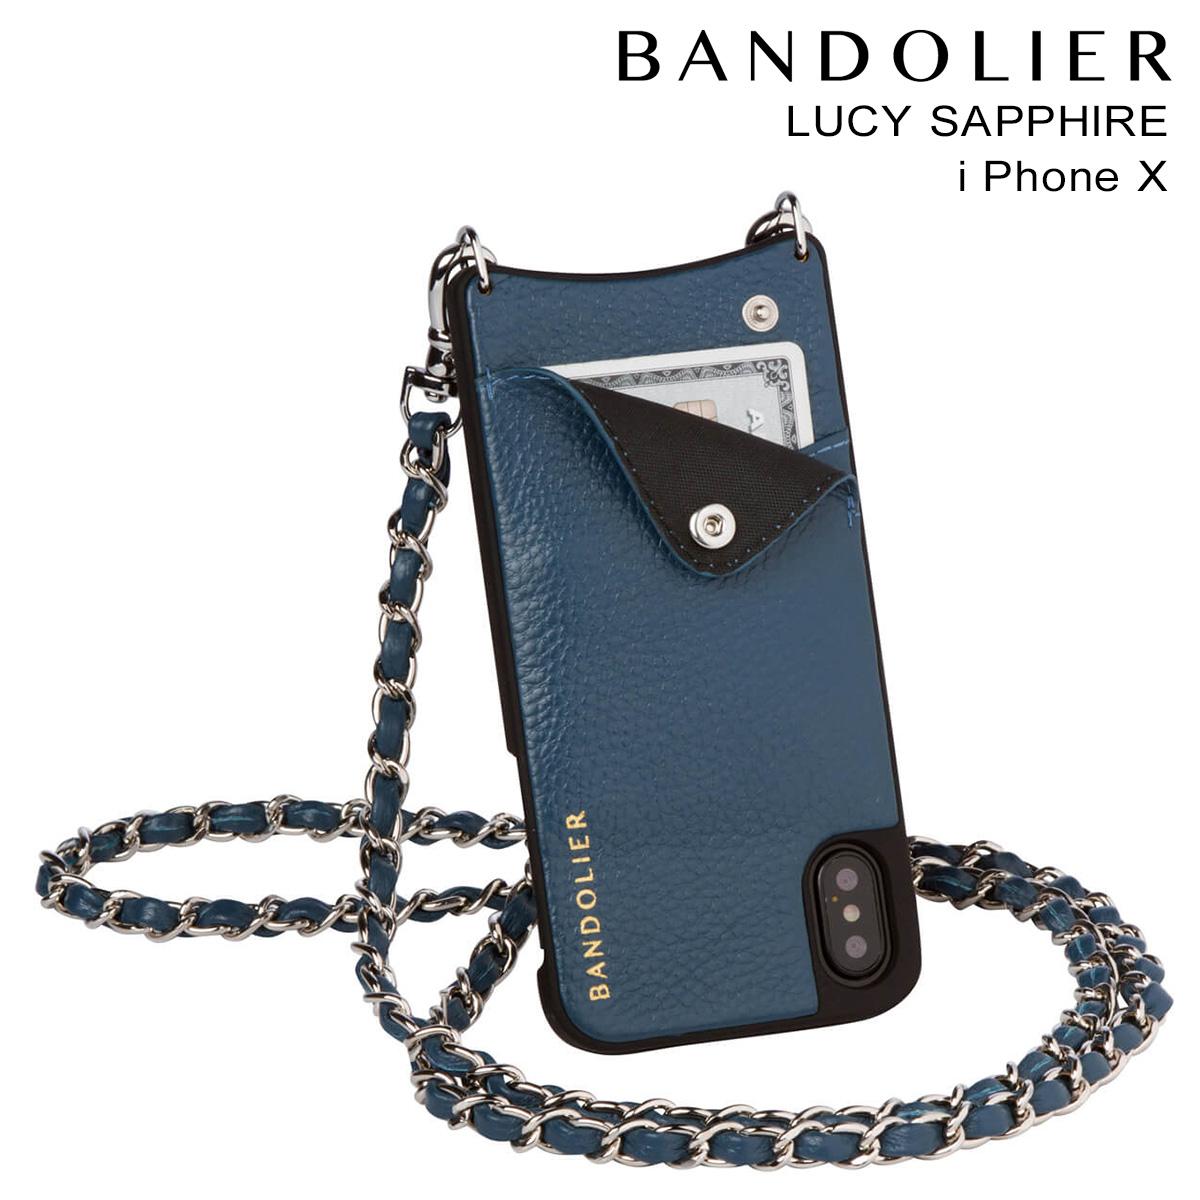 BANDOLIER バンドリヤー iPhoneX ケース スマホ アイフォン LUCY SAPPHIRE レザー メンズ レディース [9/19 新入荷]